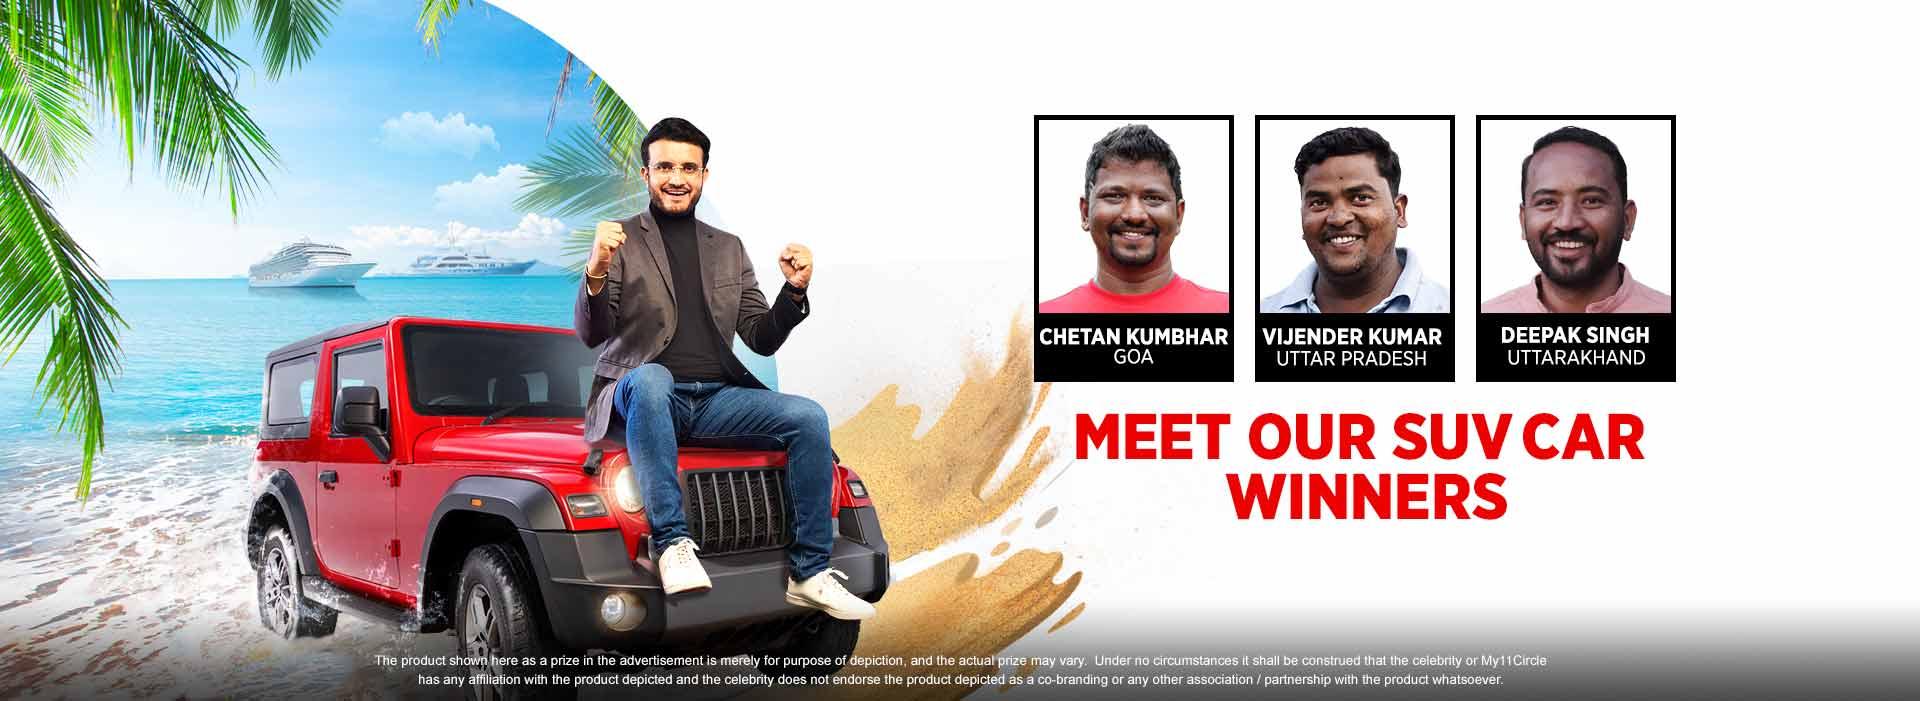 Meet Our Crorepati Winners